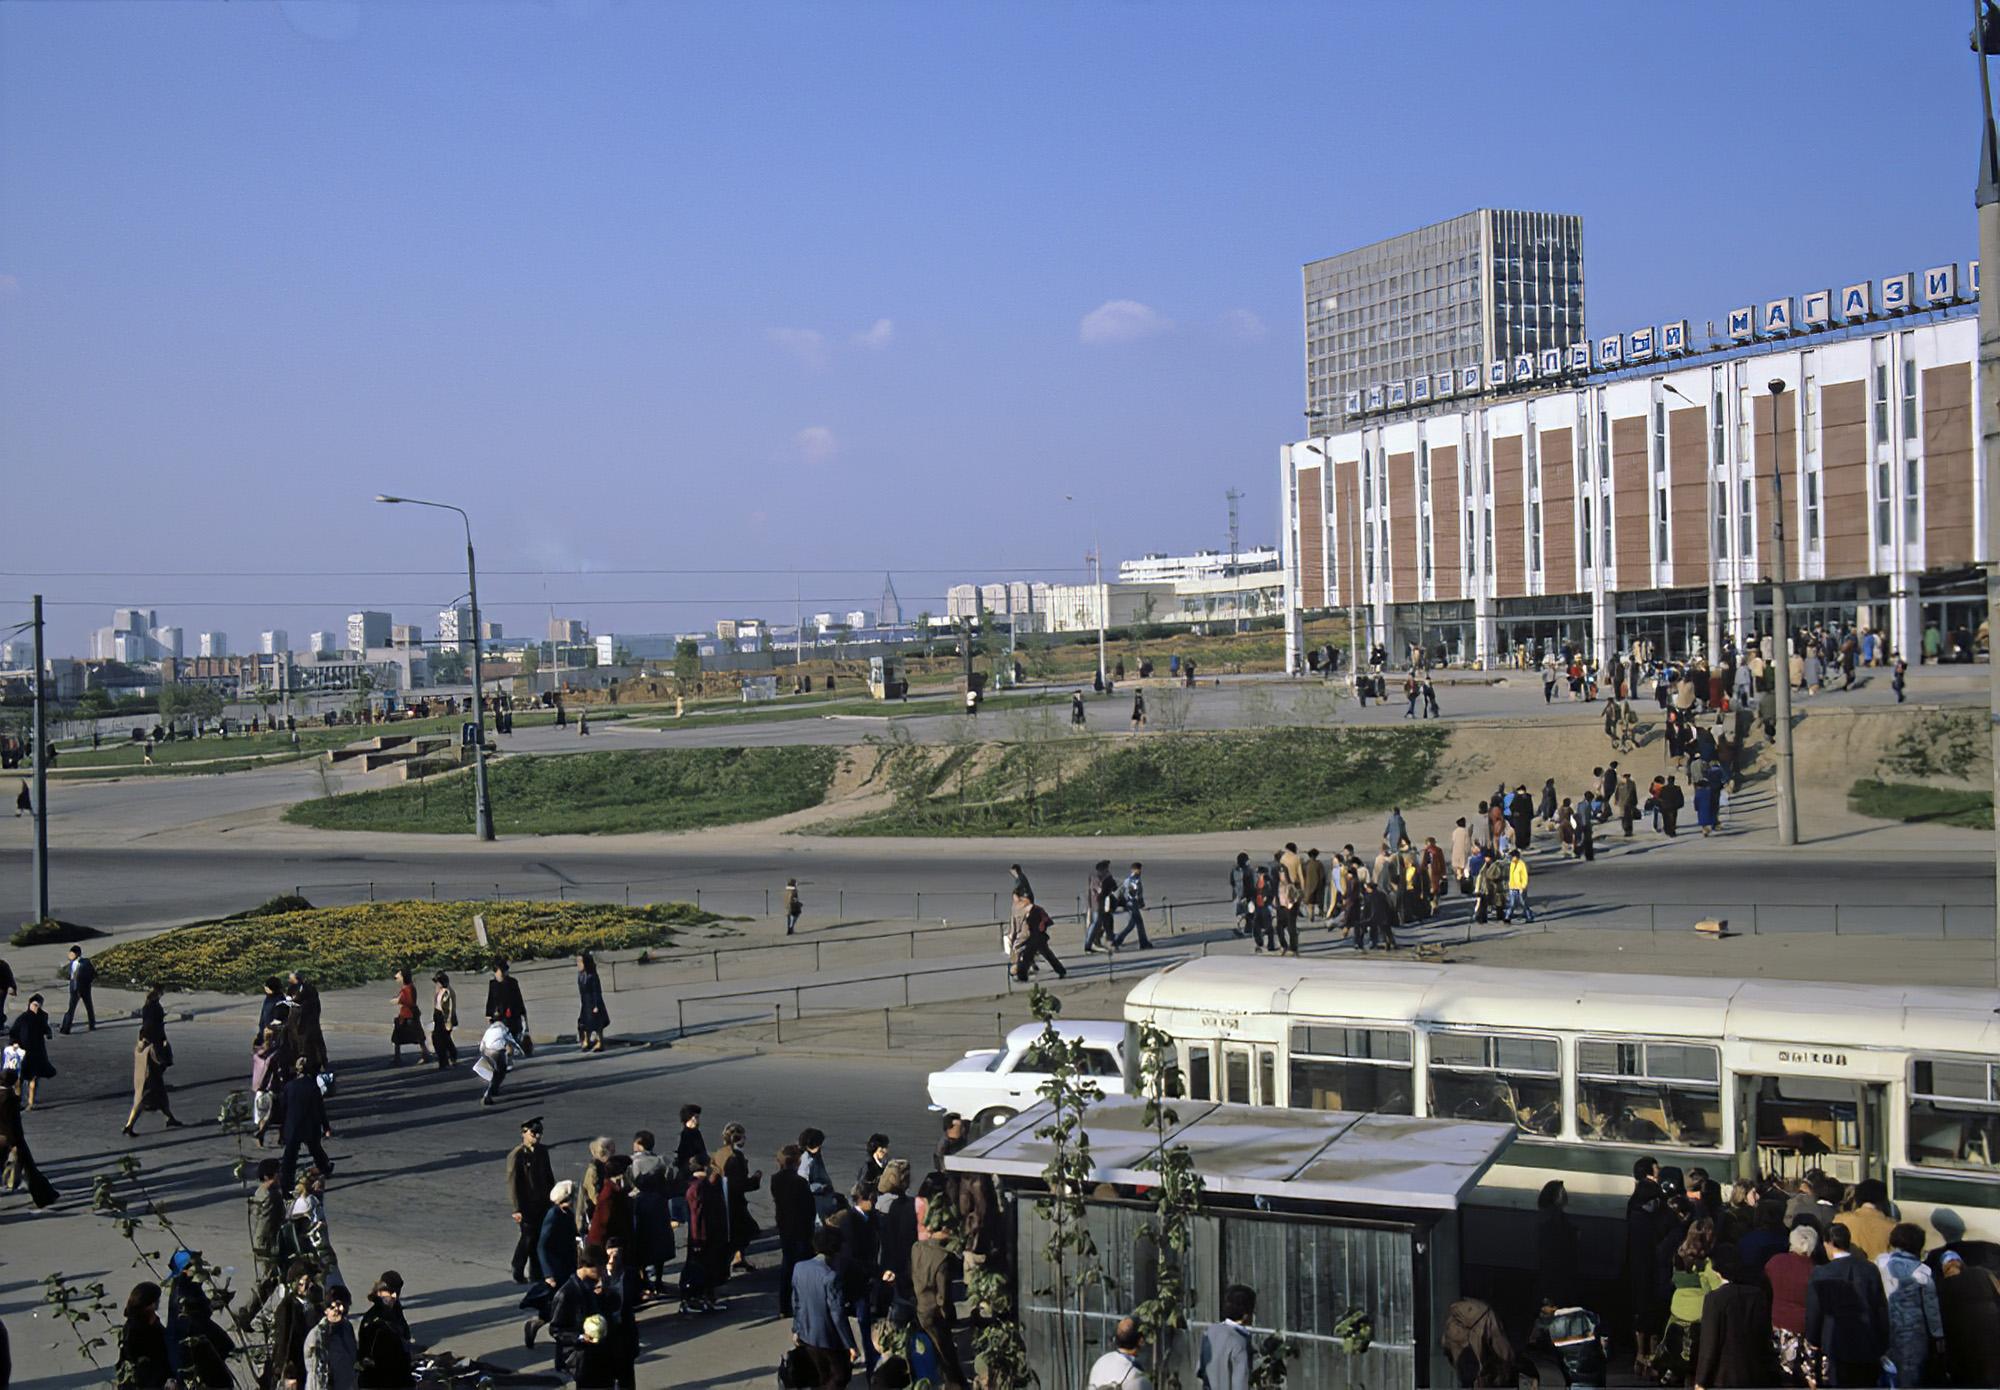 1982 У станции метро Юго-Западная. Ушмайкин